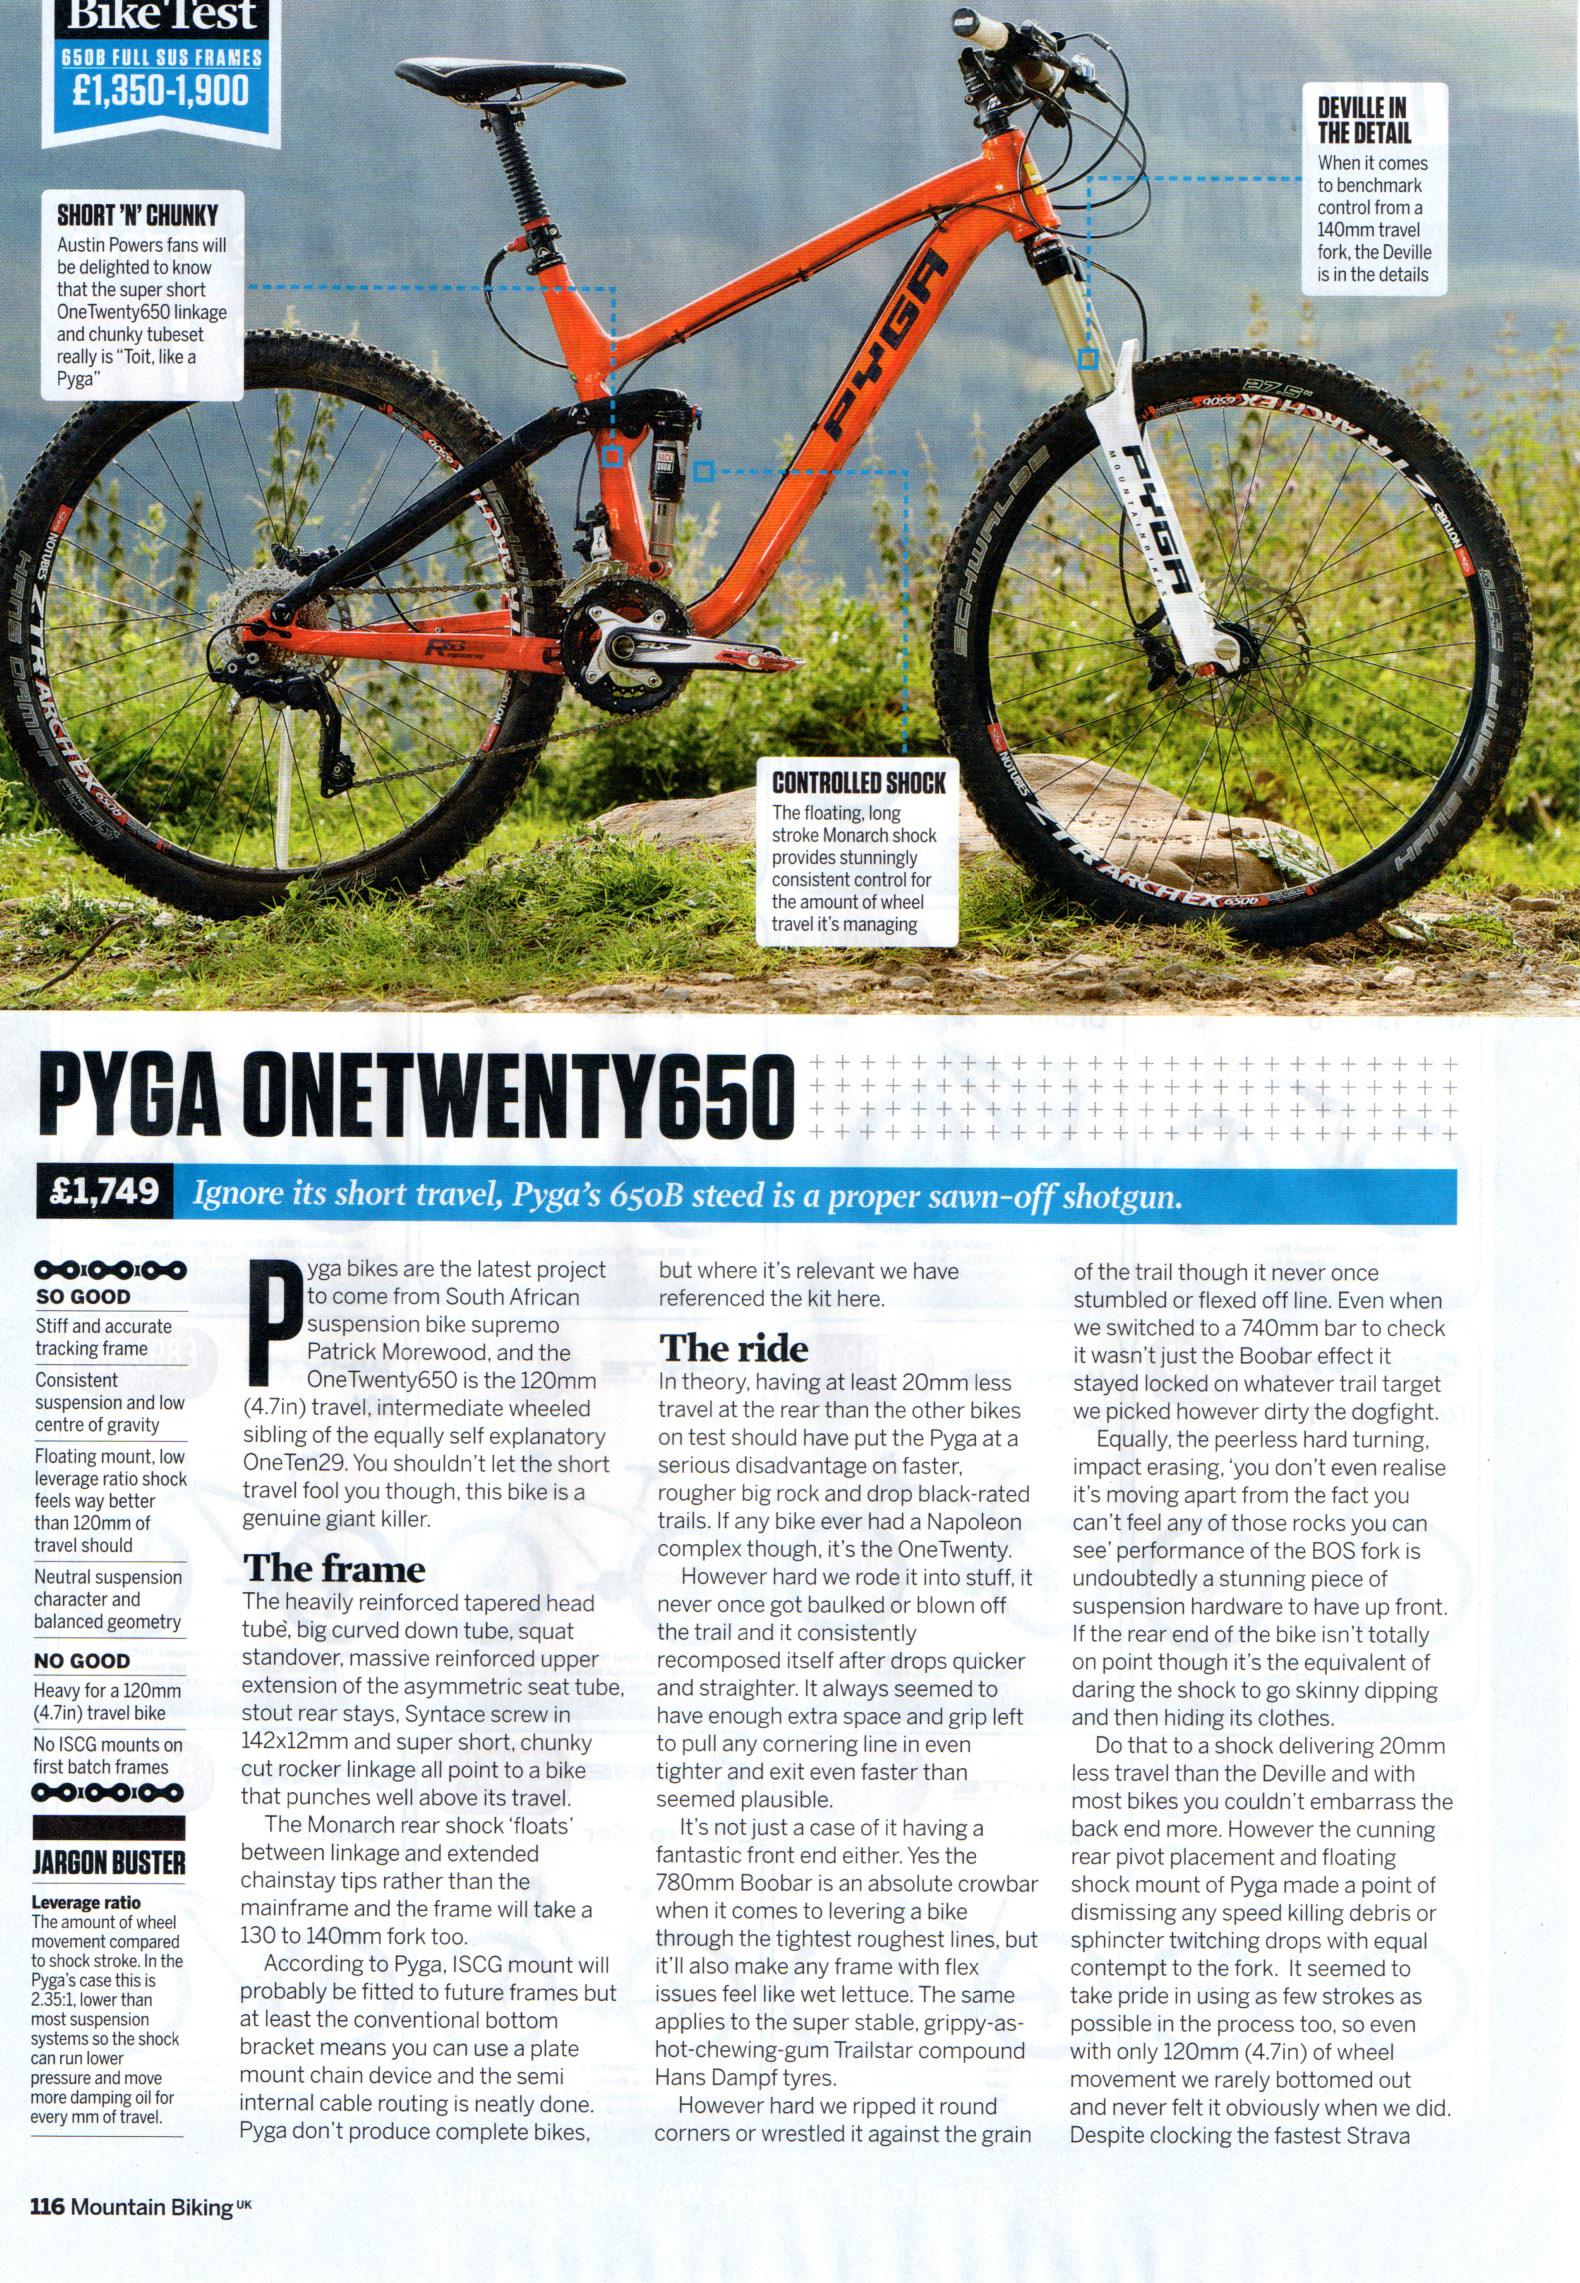 Pyga Review MBUK 1